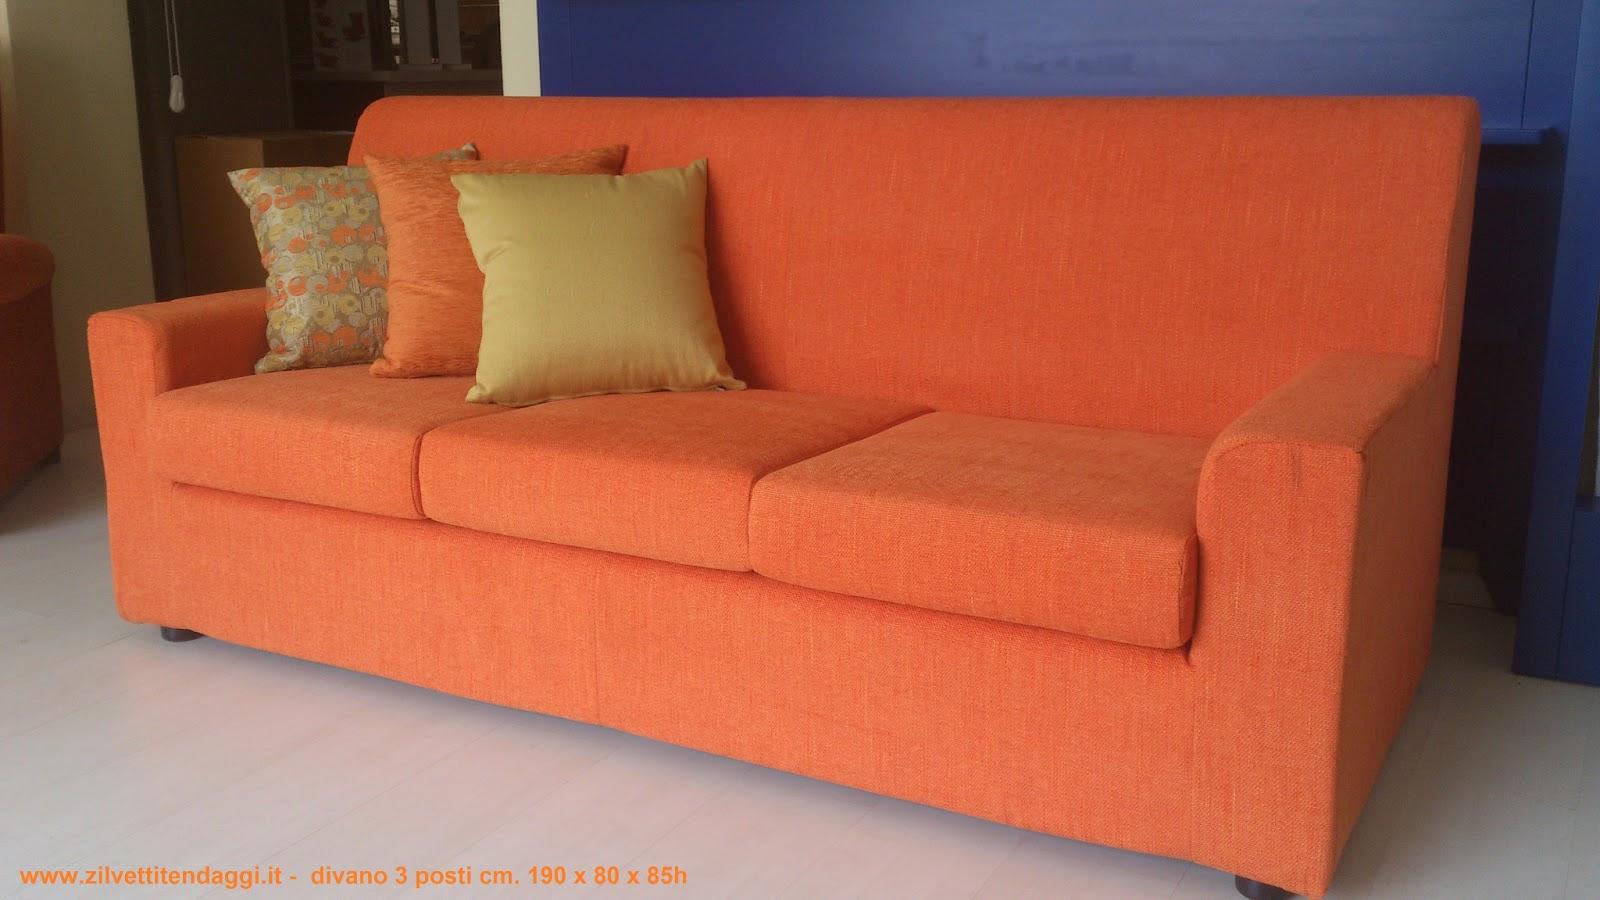 Tende materassi letti poltrone divani zilvetti tendaggi marzo 2013 - Divano letto 160 cm mondo convenienza ...